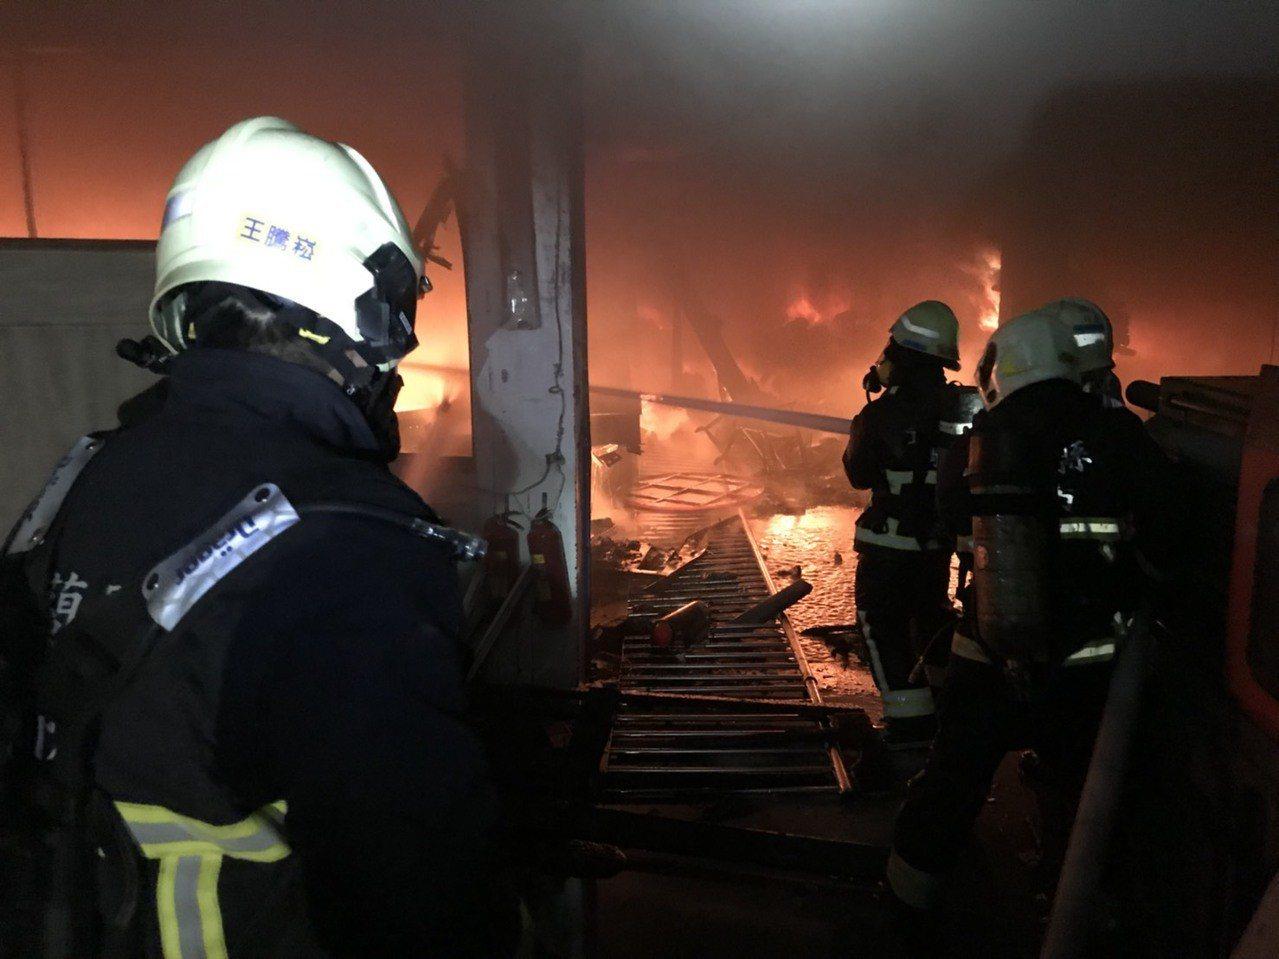 宜蘭一成衣廠今晨大火,消防局搶救中。圖/宜蘭縣消防局提供